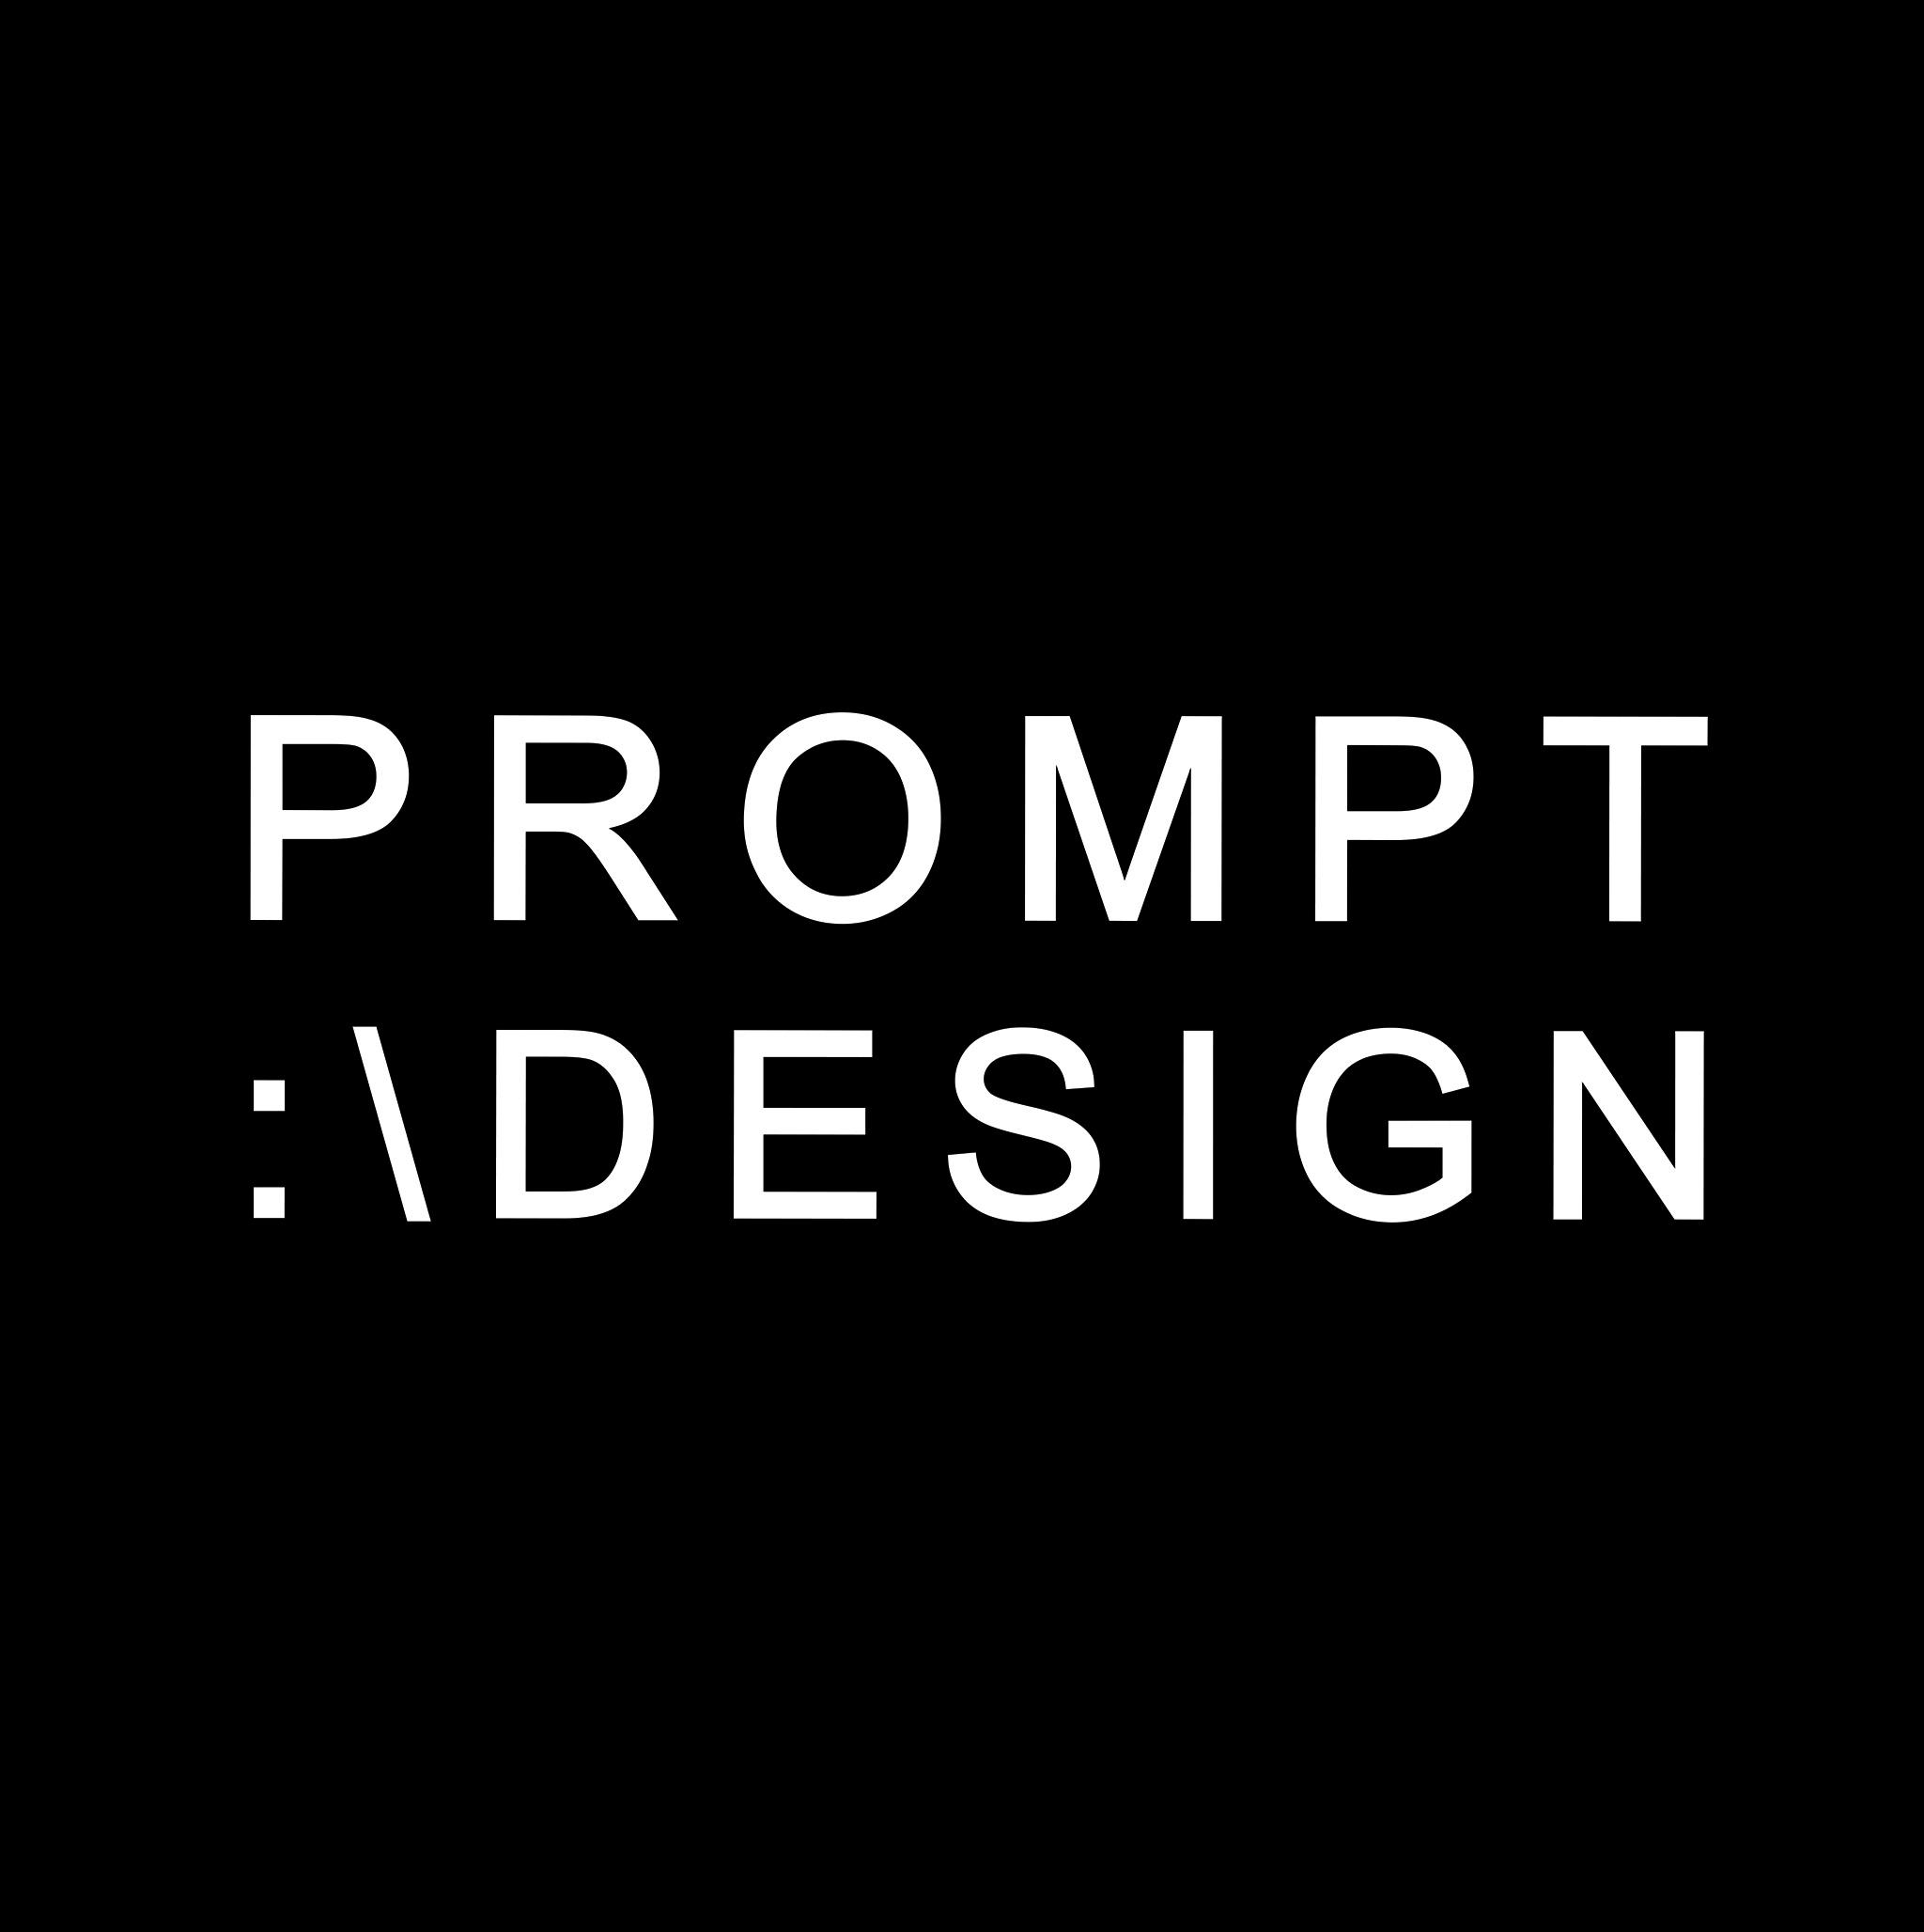 Prompt Design